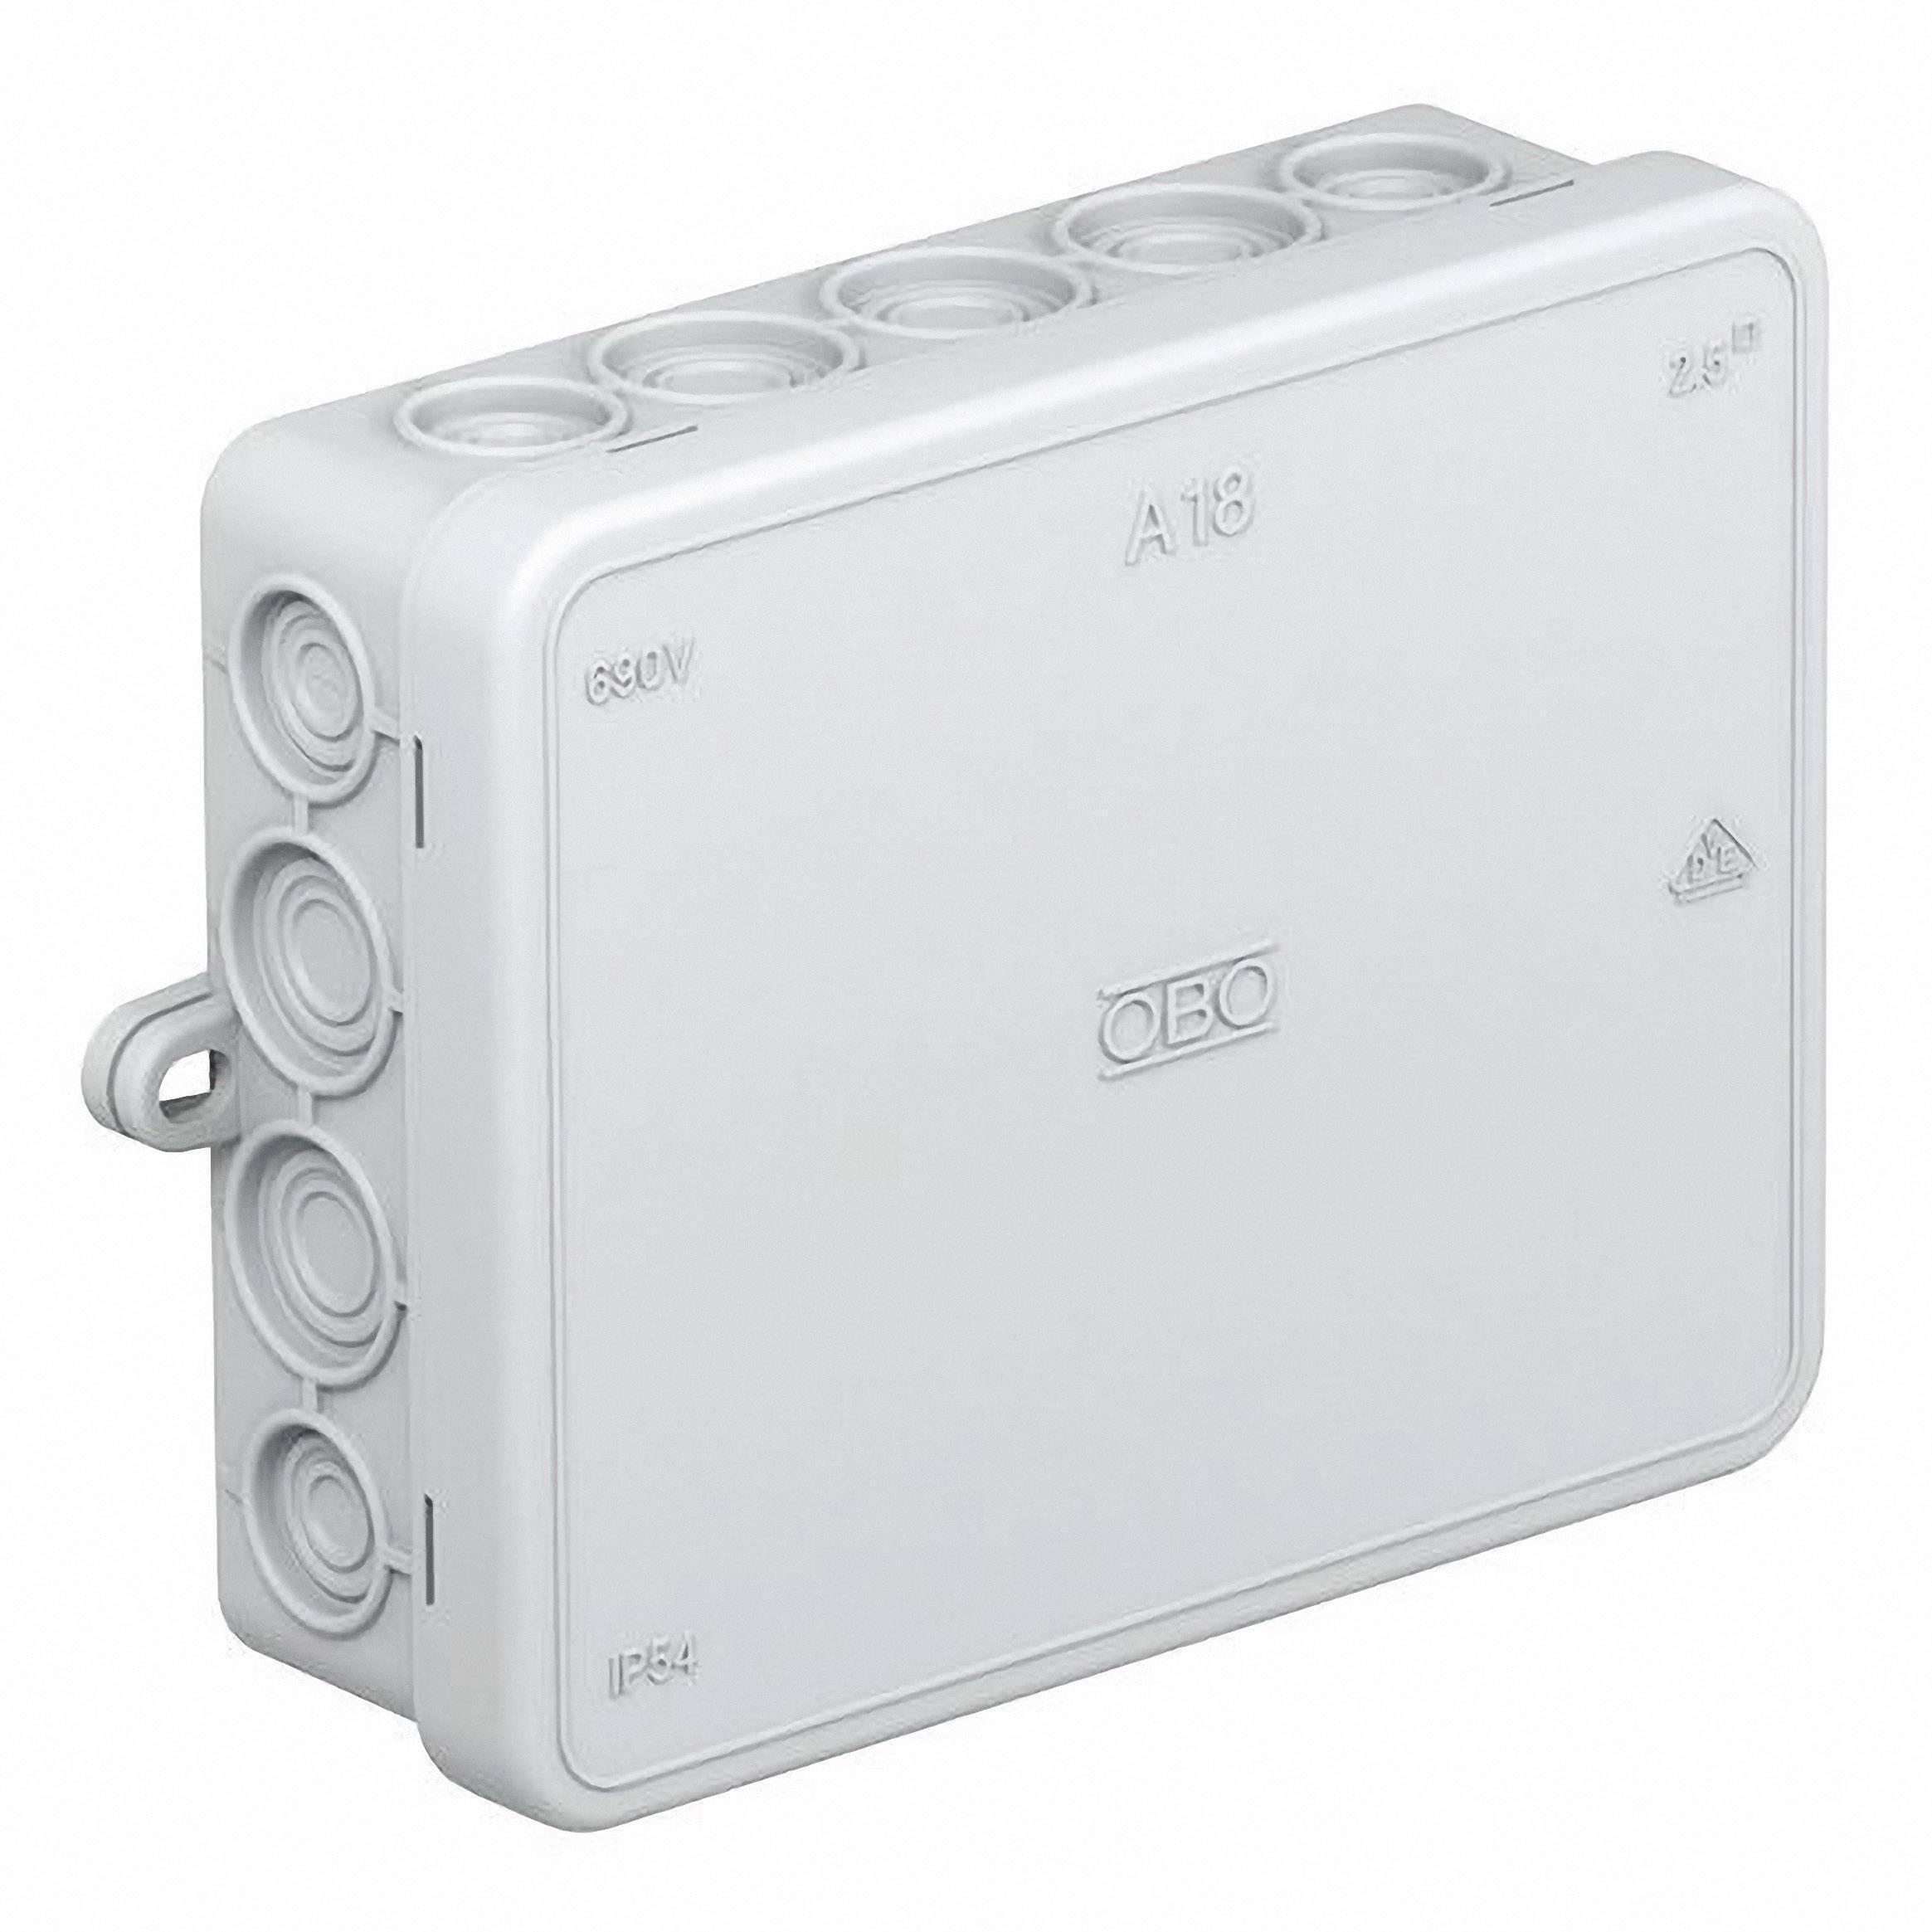 Rozbočovacia krabica OBO Bettermann A18, IP55, 125 x 100 x 40 mm, svetlo sivá, 2000410